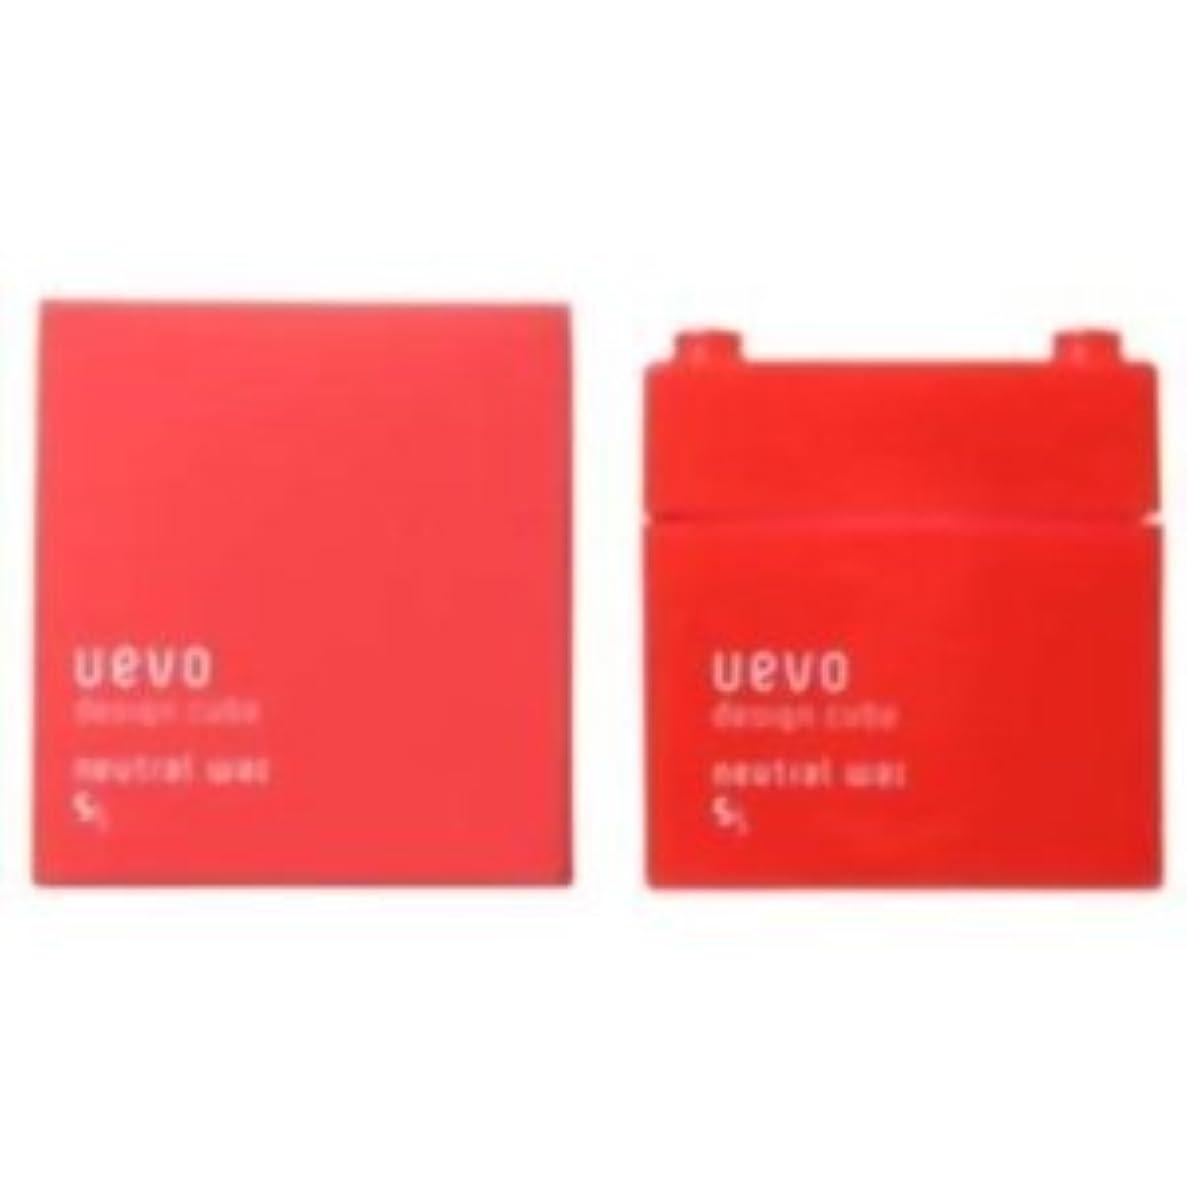 横にサルベージ対応する【X2個セット】 デミ ウェーボ デザインキューブ ニュートラルワックス 80g neutral wax DEMI uevo design cube